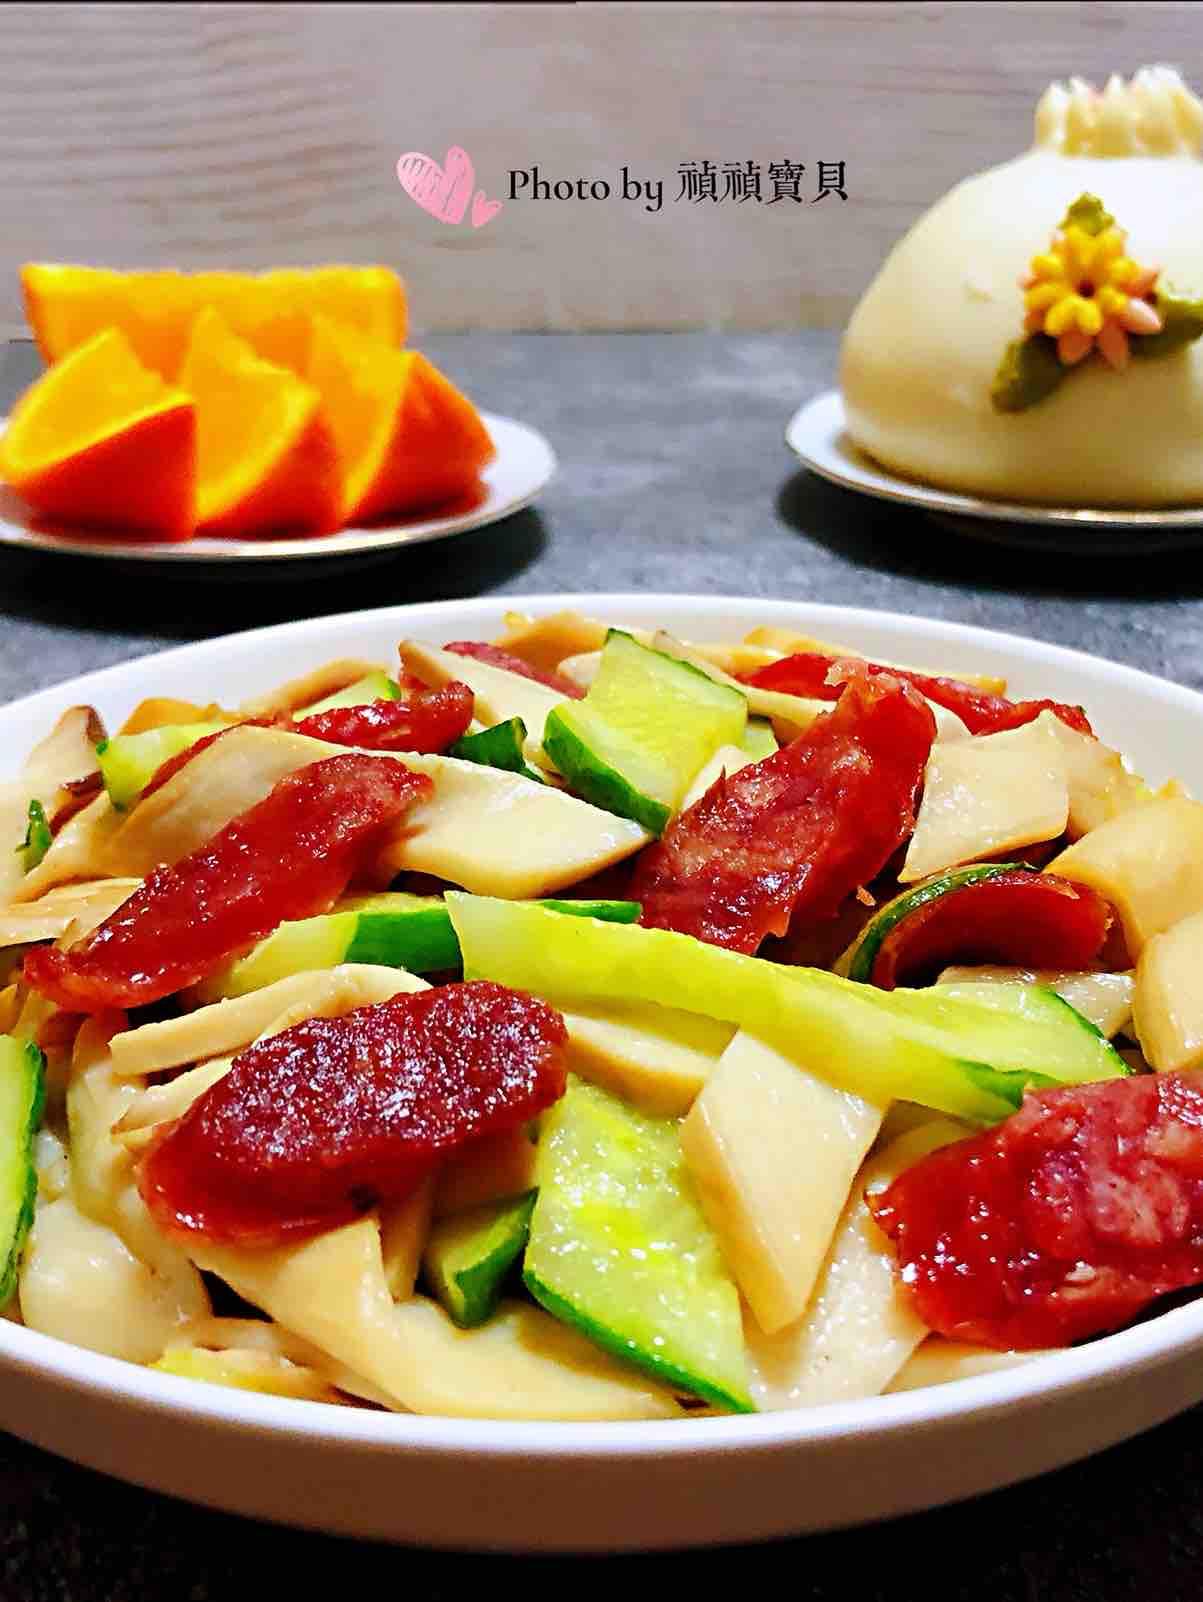 腊肠黄瓜炒杏鲍菇